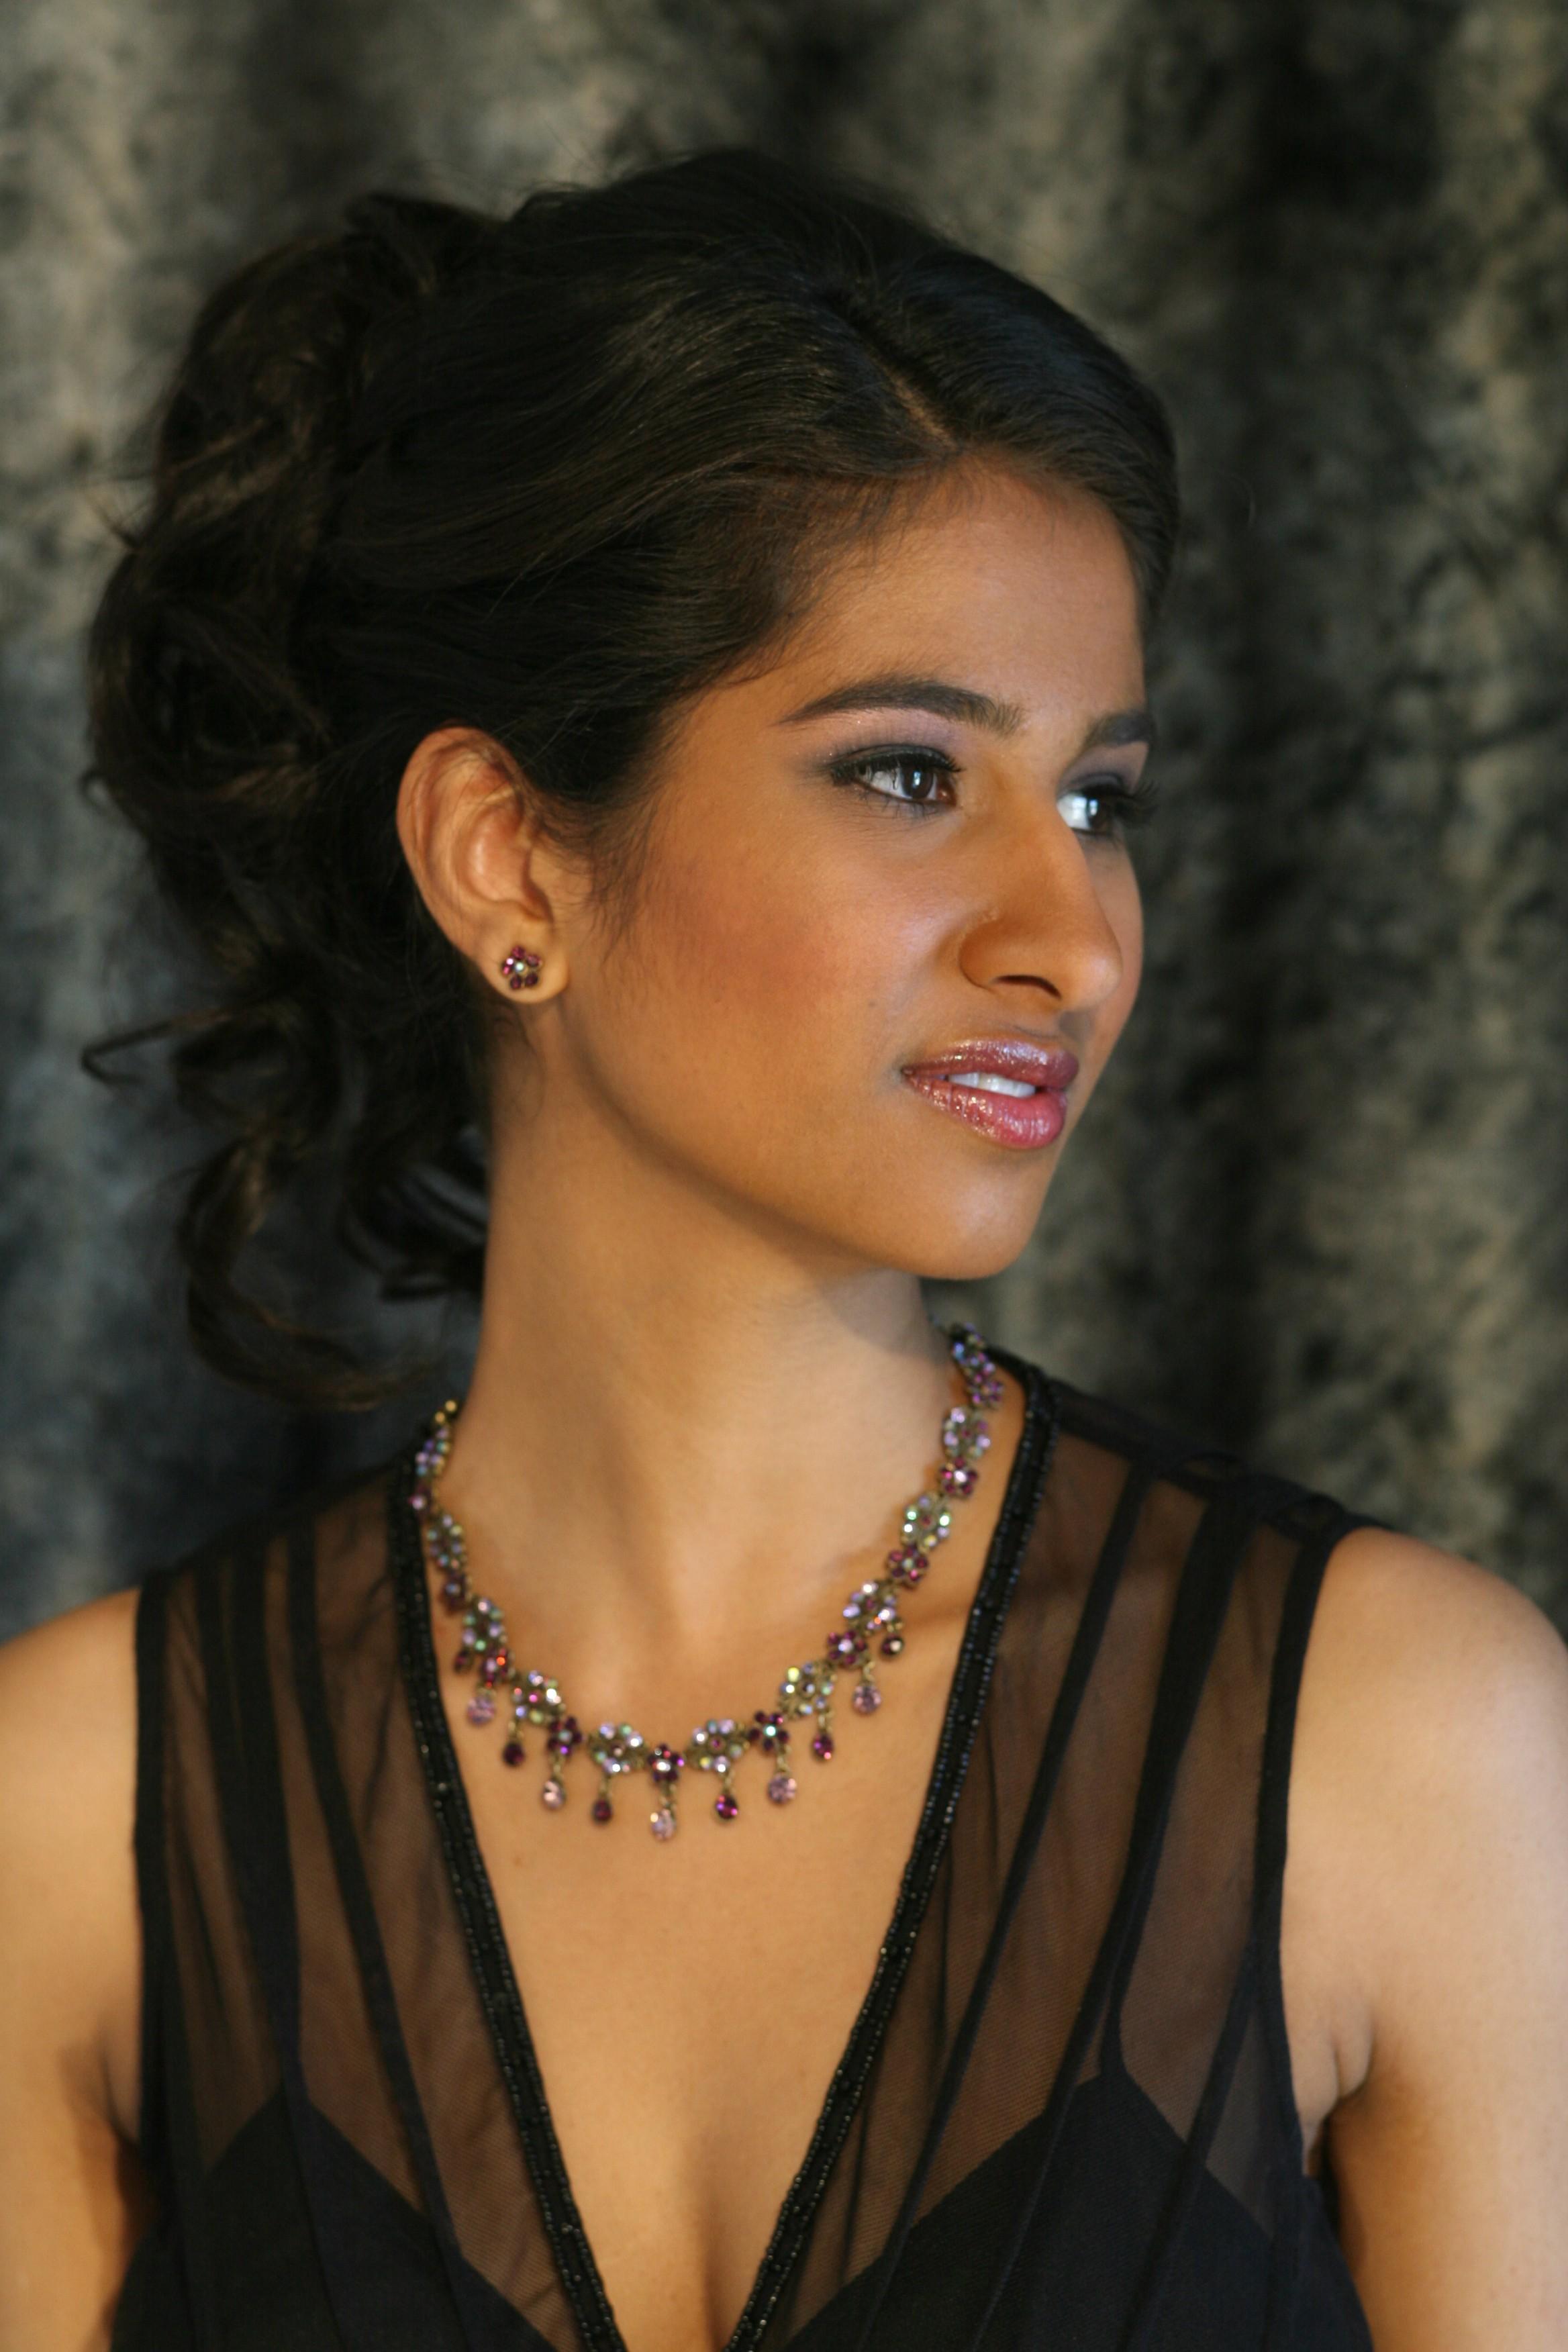 Model Janice MacGregor